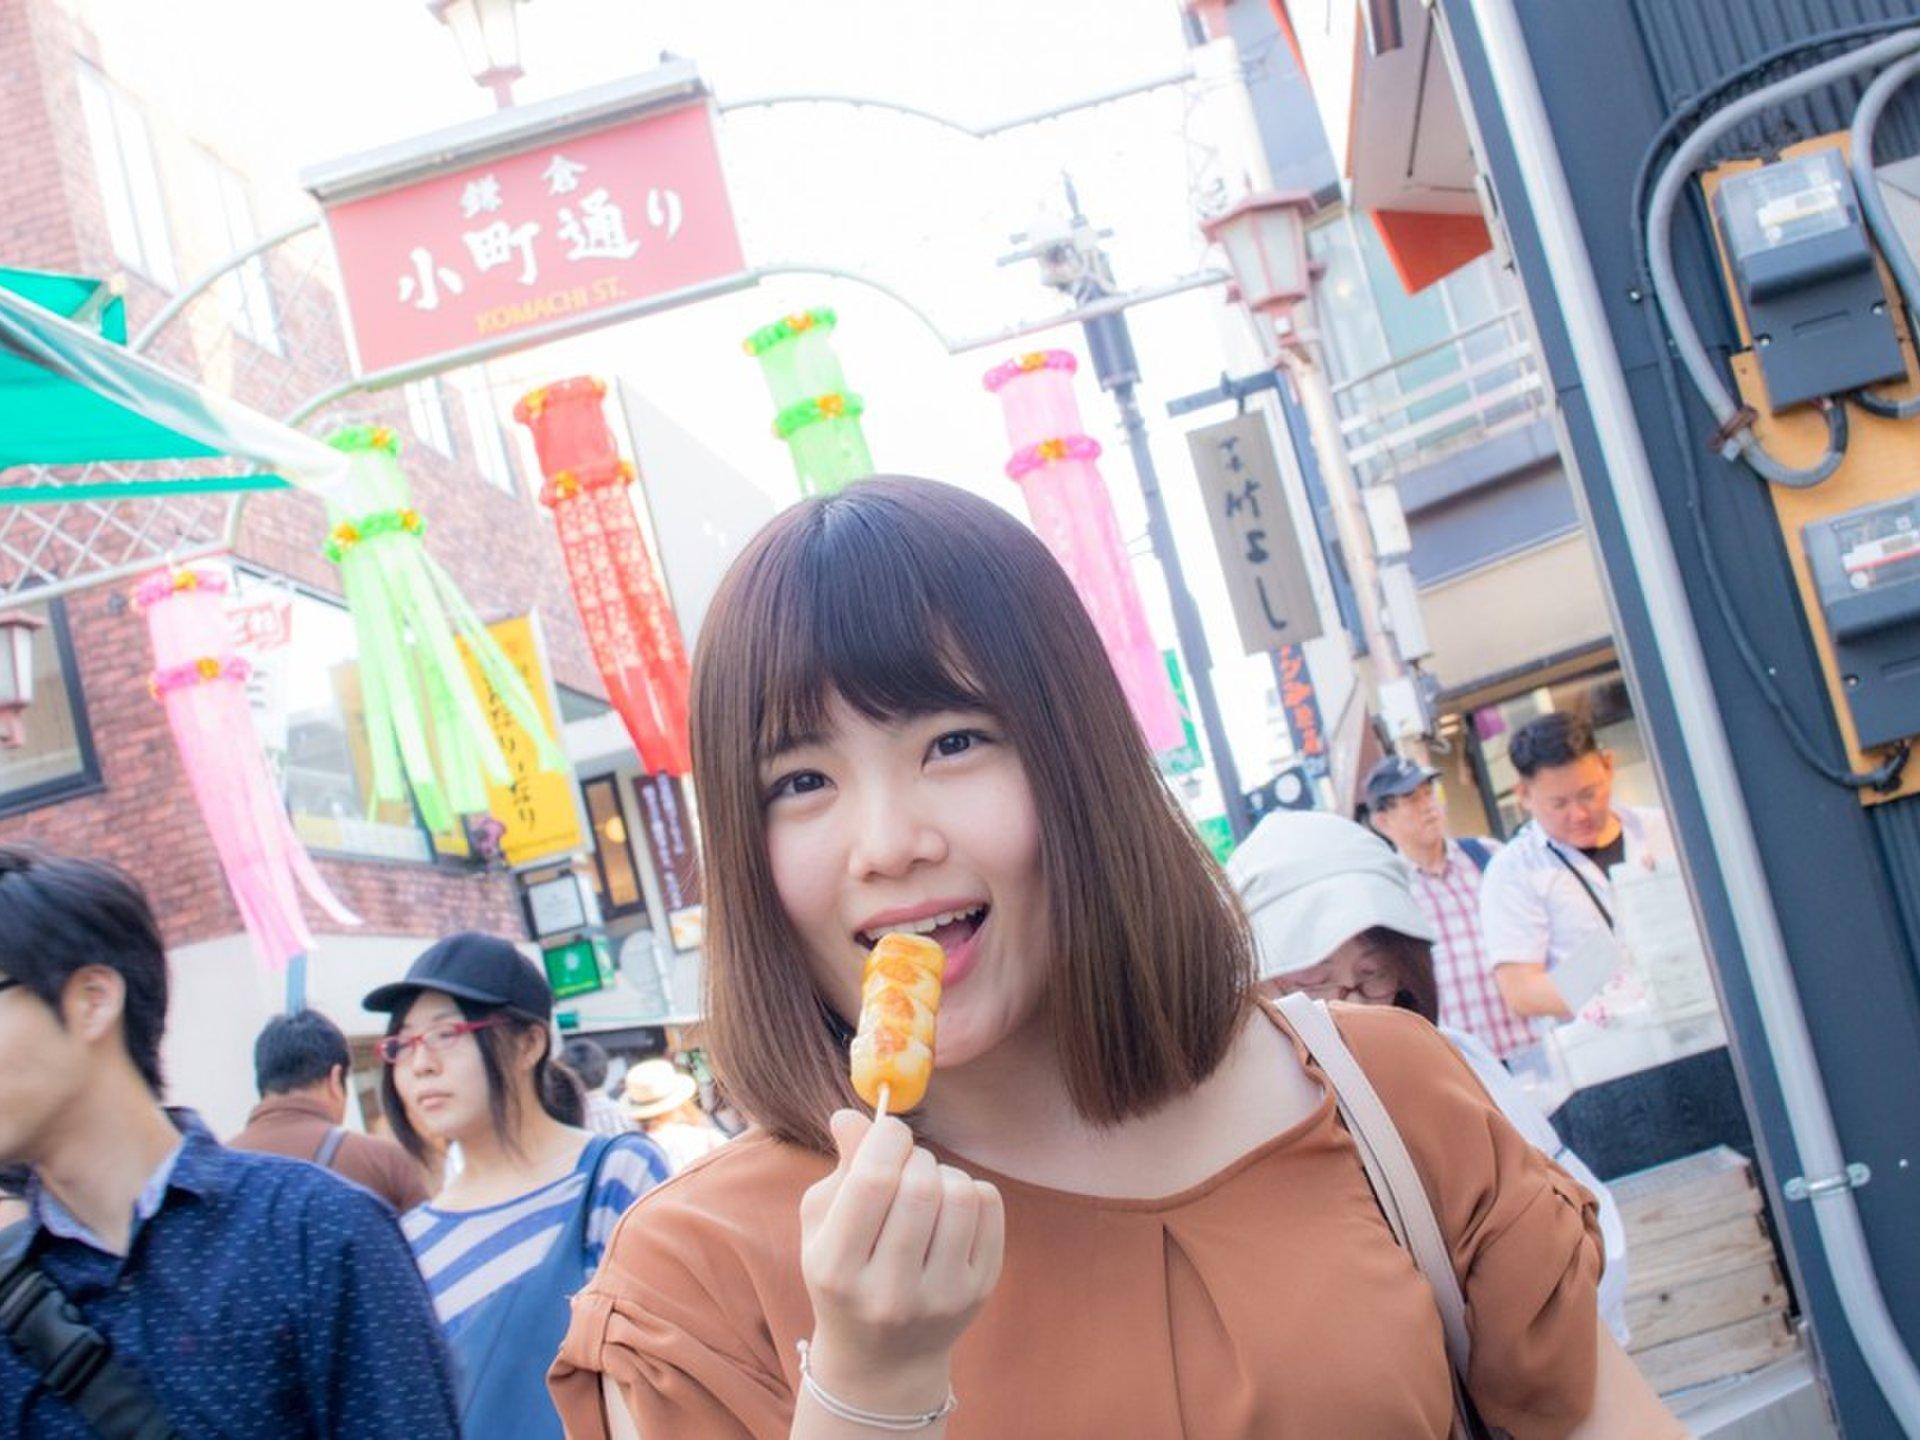 マップ片手に女子旅したい♡鎌倉駅周辺おすすめグルメ&観光スポット